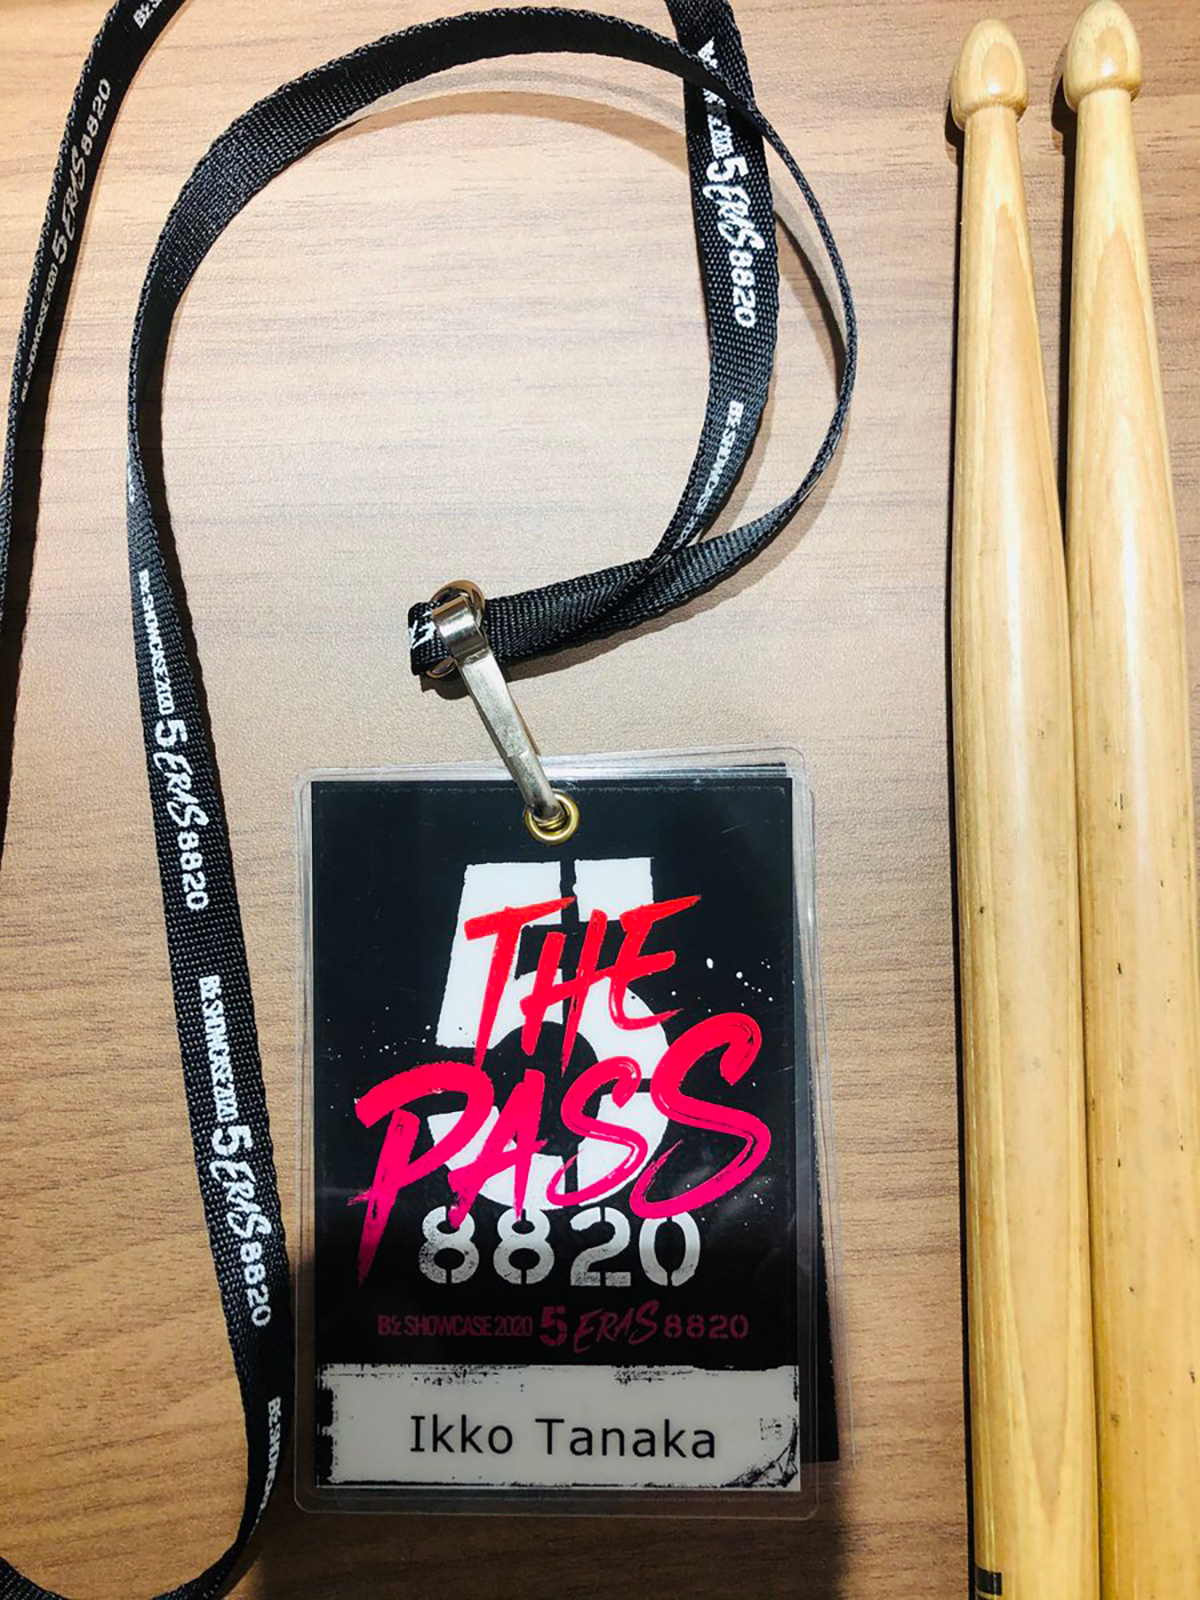 ドラムス・田中一光のTwitterで公開された『B'z SHOWCASE 2020 -5 ERAS 8820- Day1~5』のパス写真